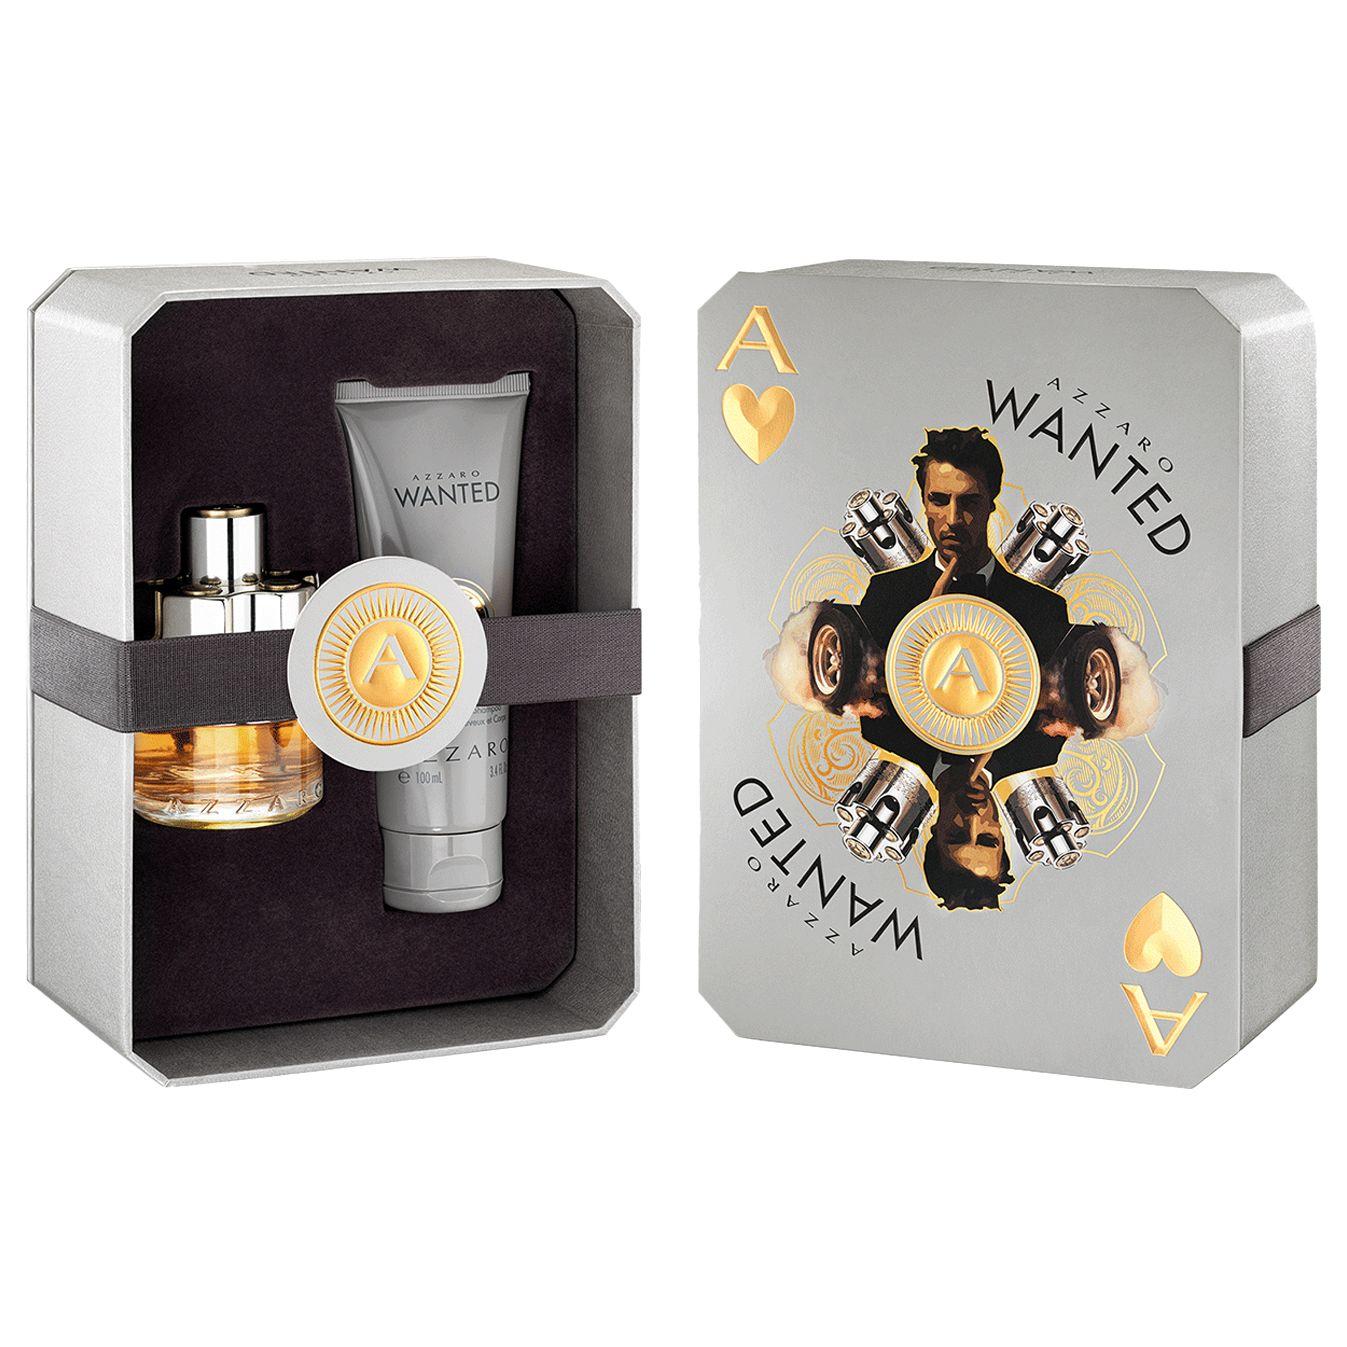 Azzaro Azzaro Wanted 50ml Eau de Toilette Fragrance Gift Set